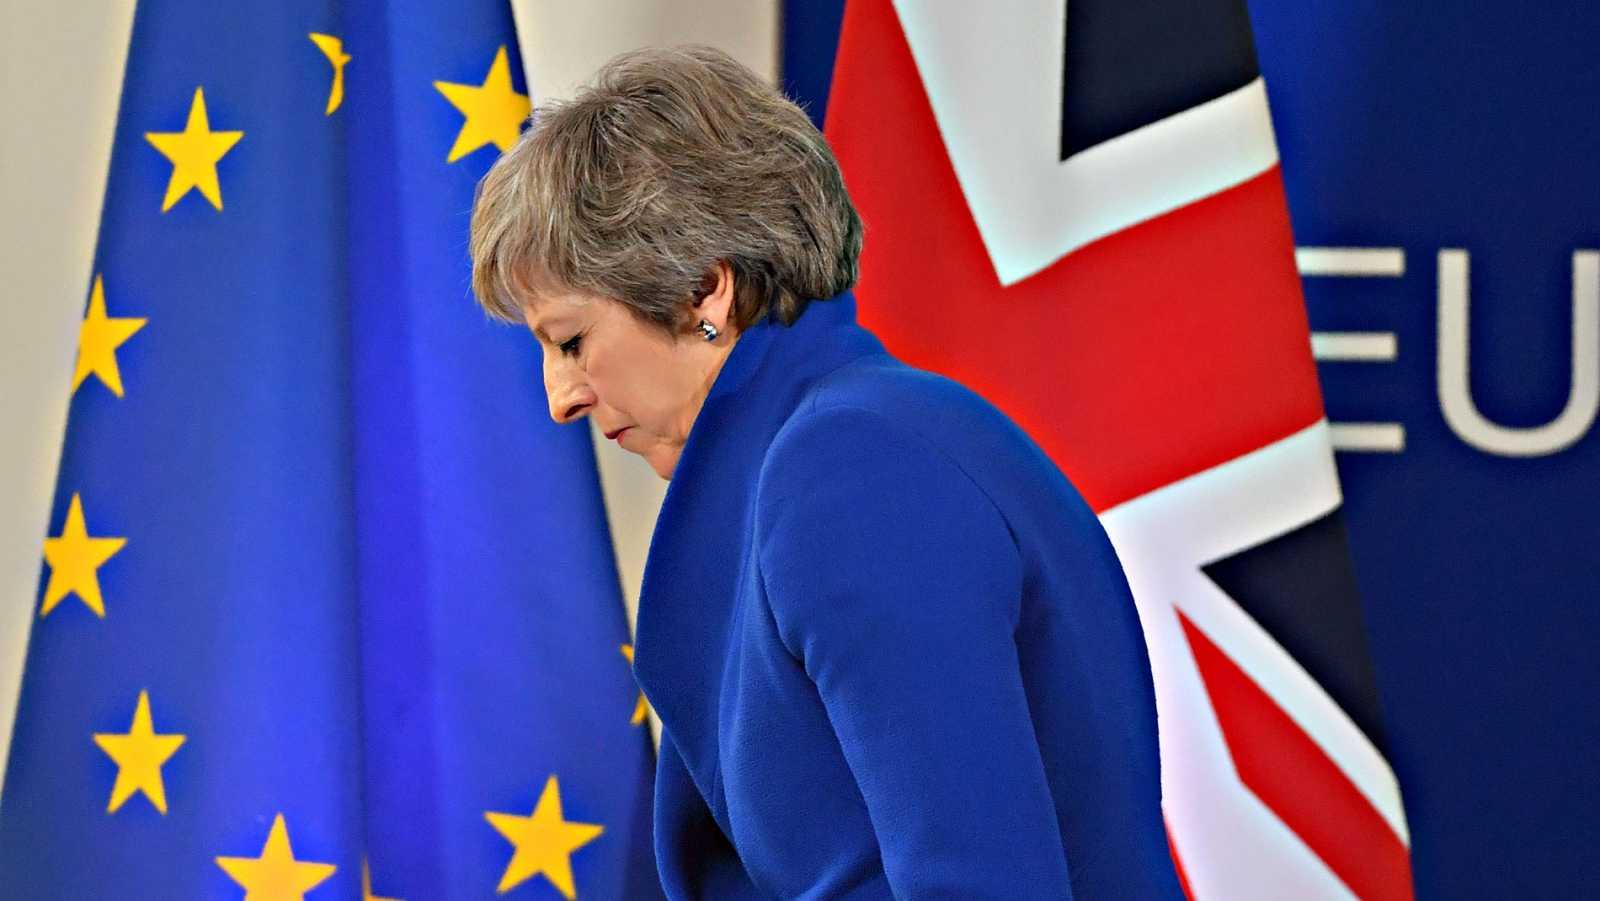 Los Veintisiete aprueban el acuerdo para la salida de Reino Unido de la Unión Europea